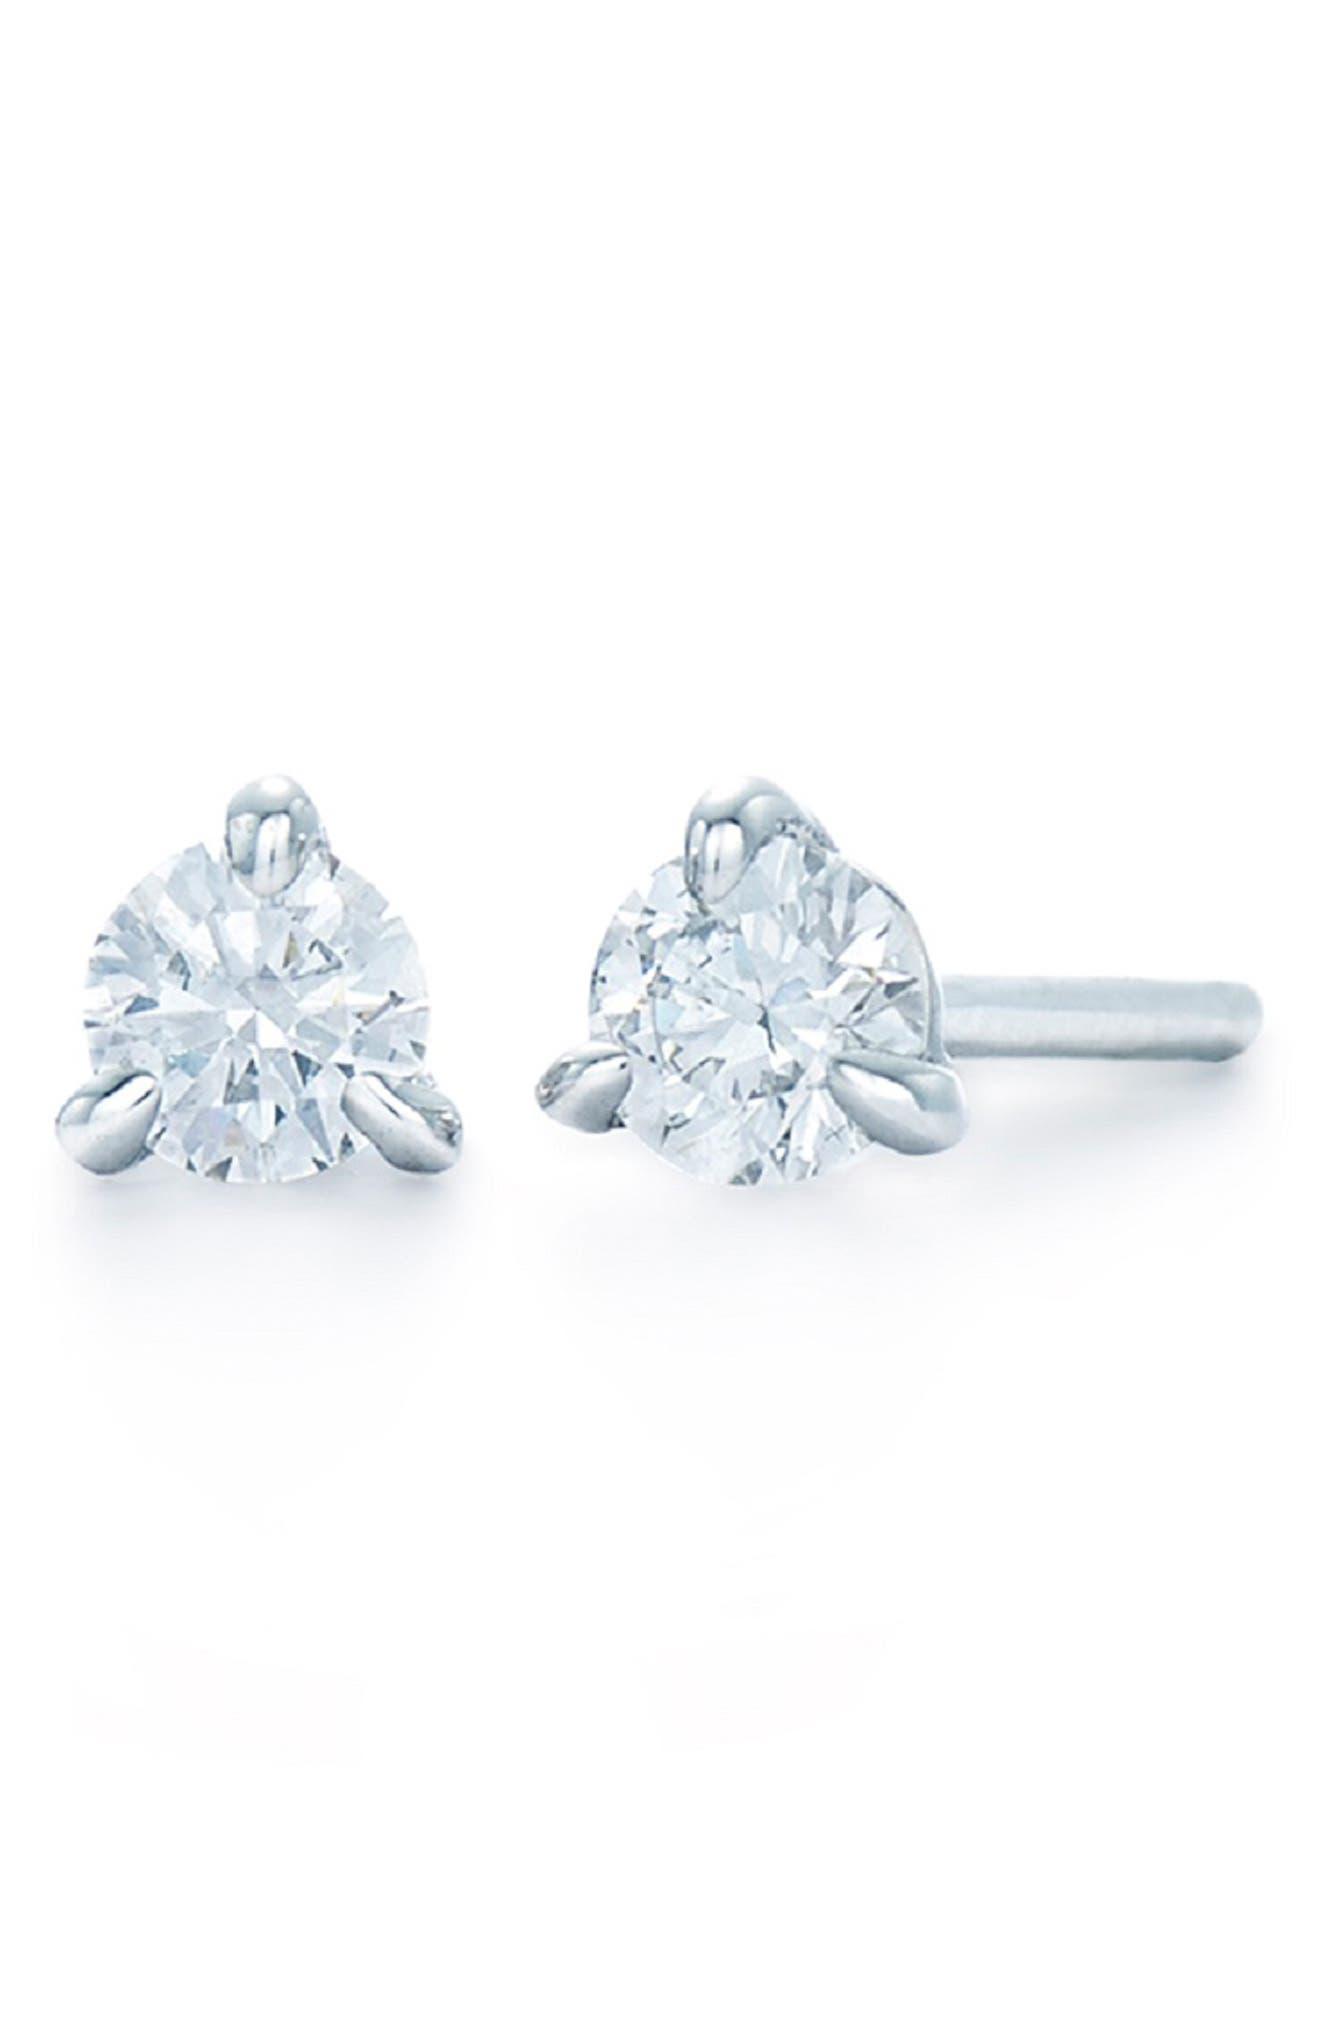 0.25ct tw Diamond & Platinum Stud Earrings,                             Alternate thumbnail 2, color,                             PLATINUM